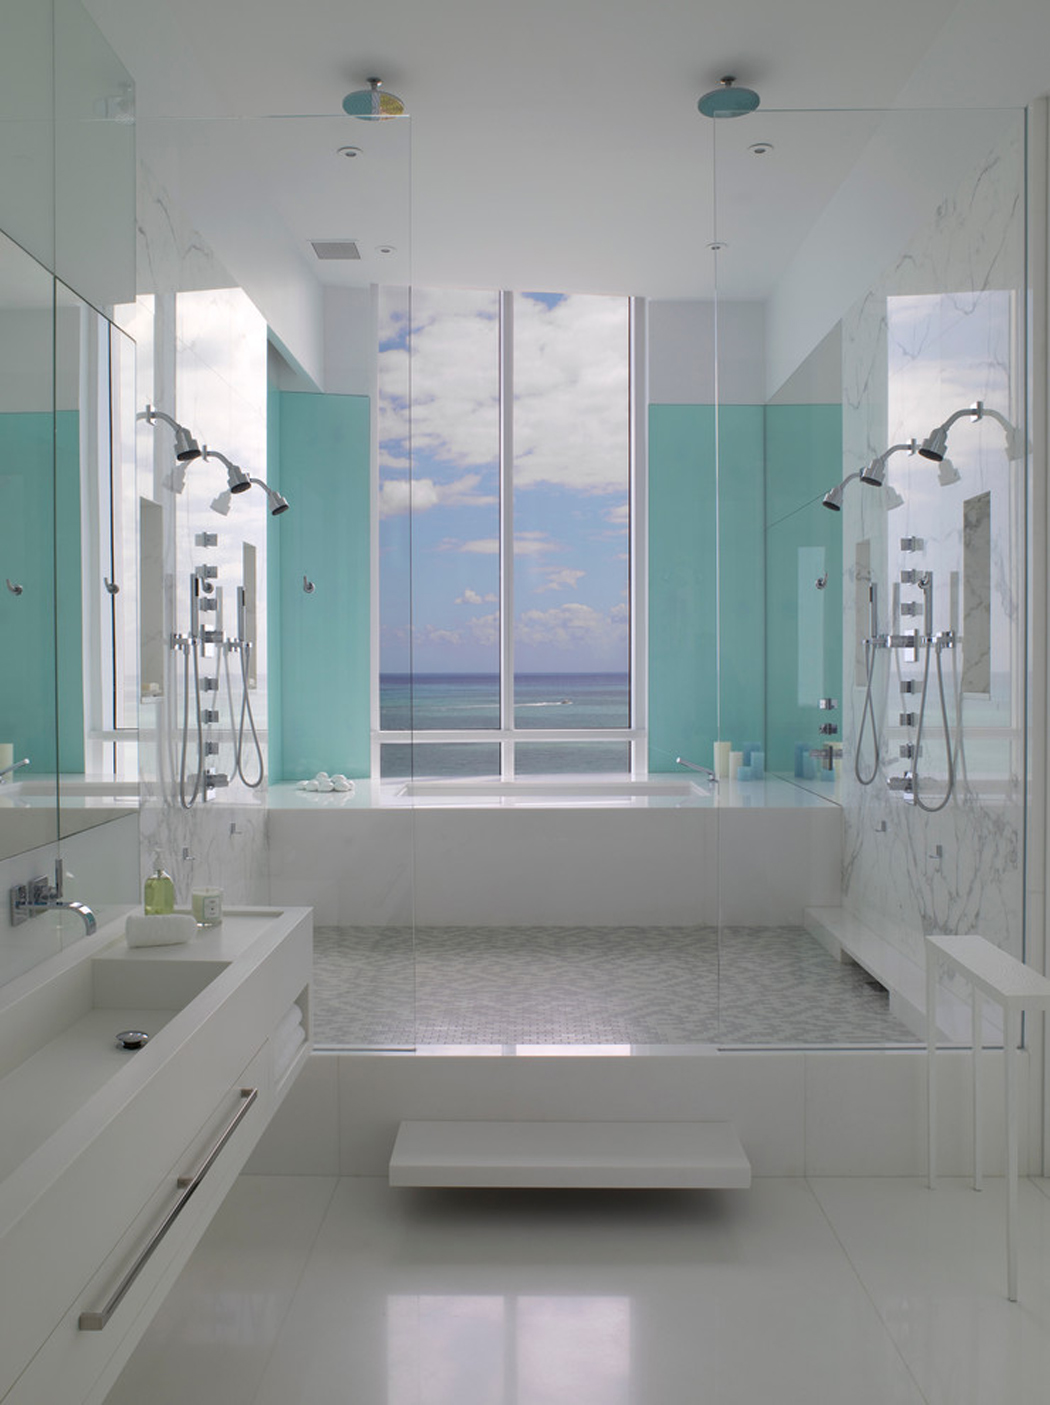 Grande salle de bain luxe avec haute définition photographies ...